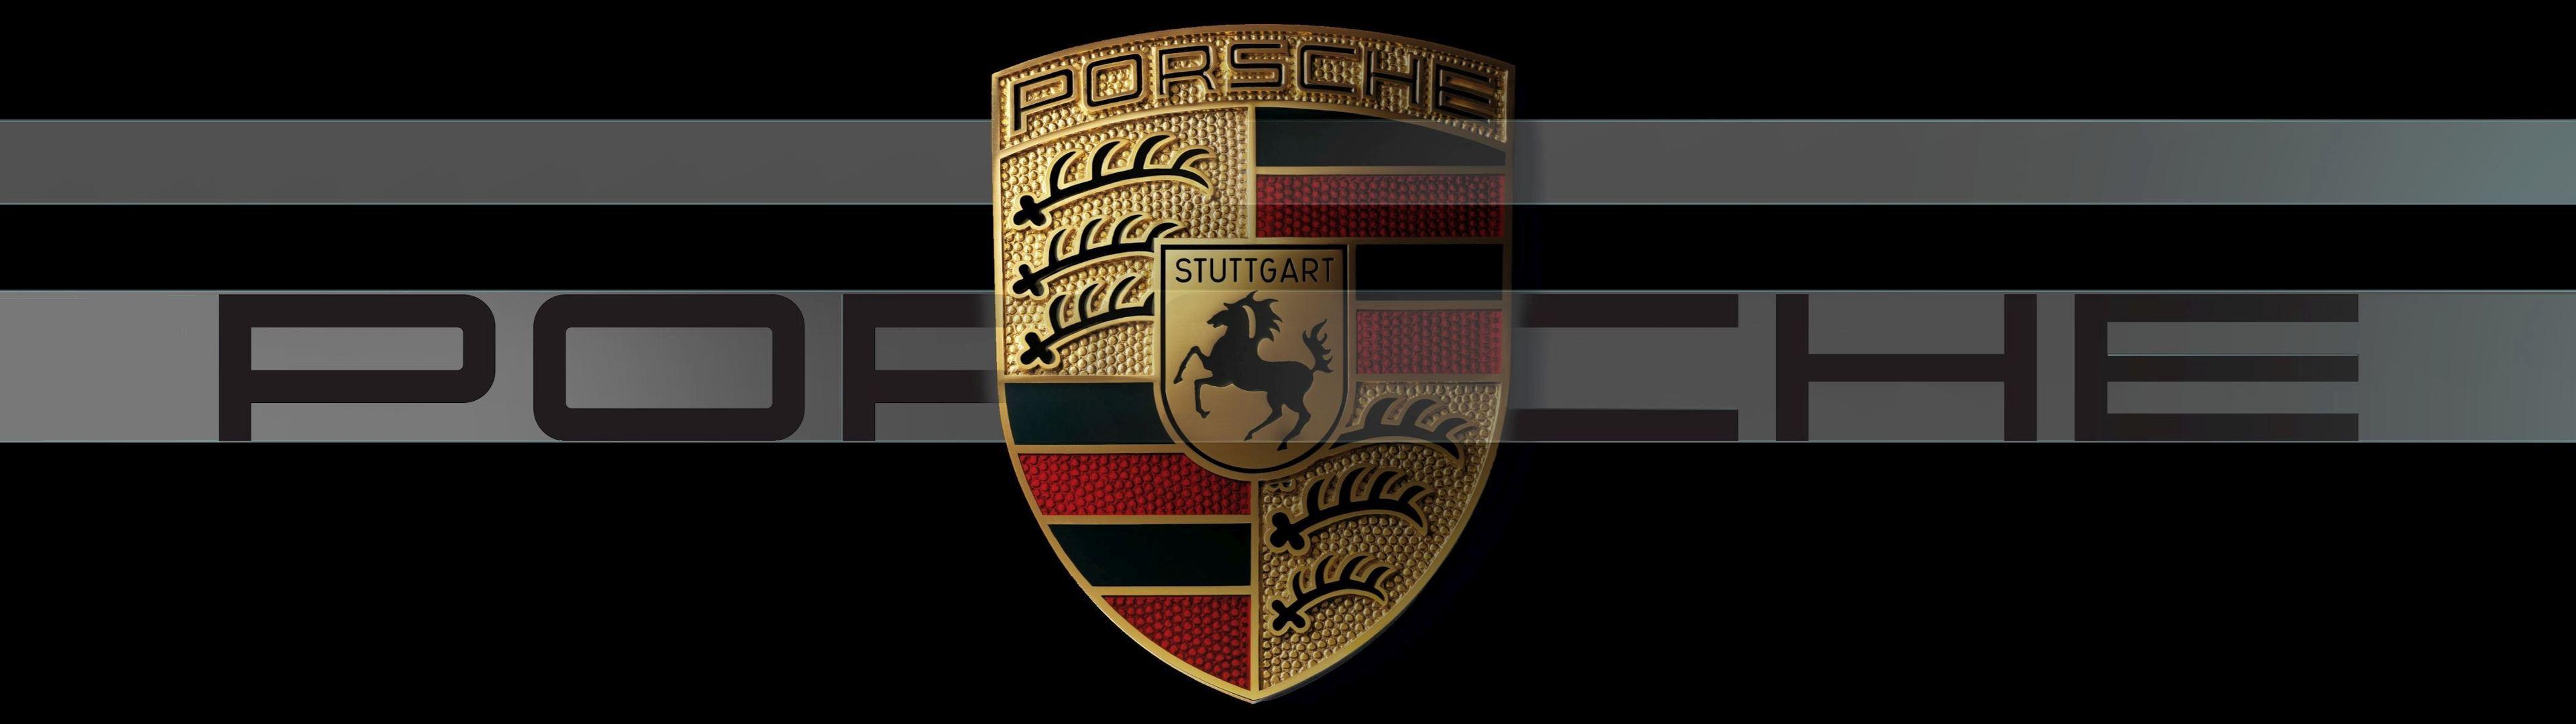 WallpaperFusion-porsche-logo-tripple-screen-Original-3840x1080.jpg